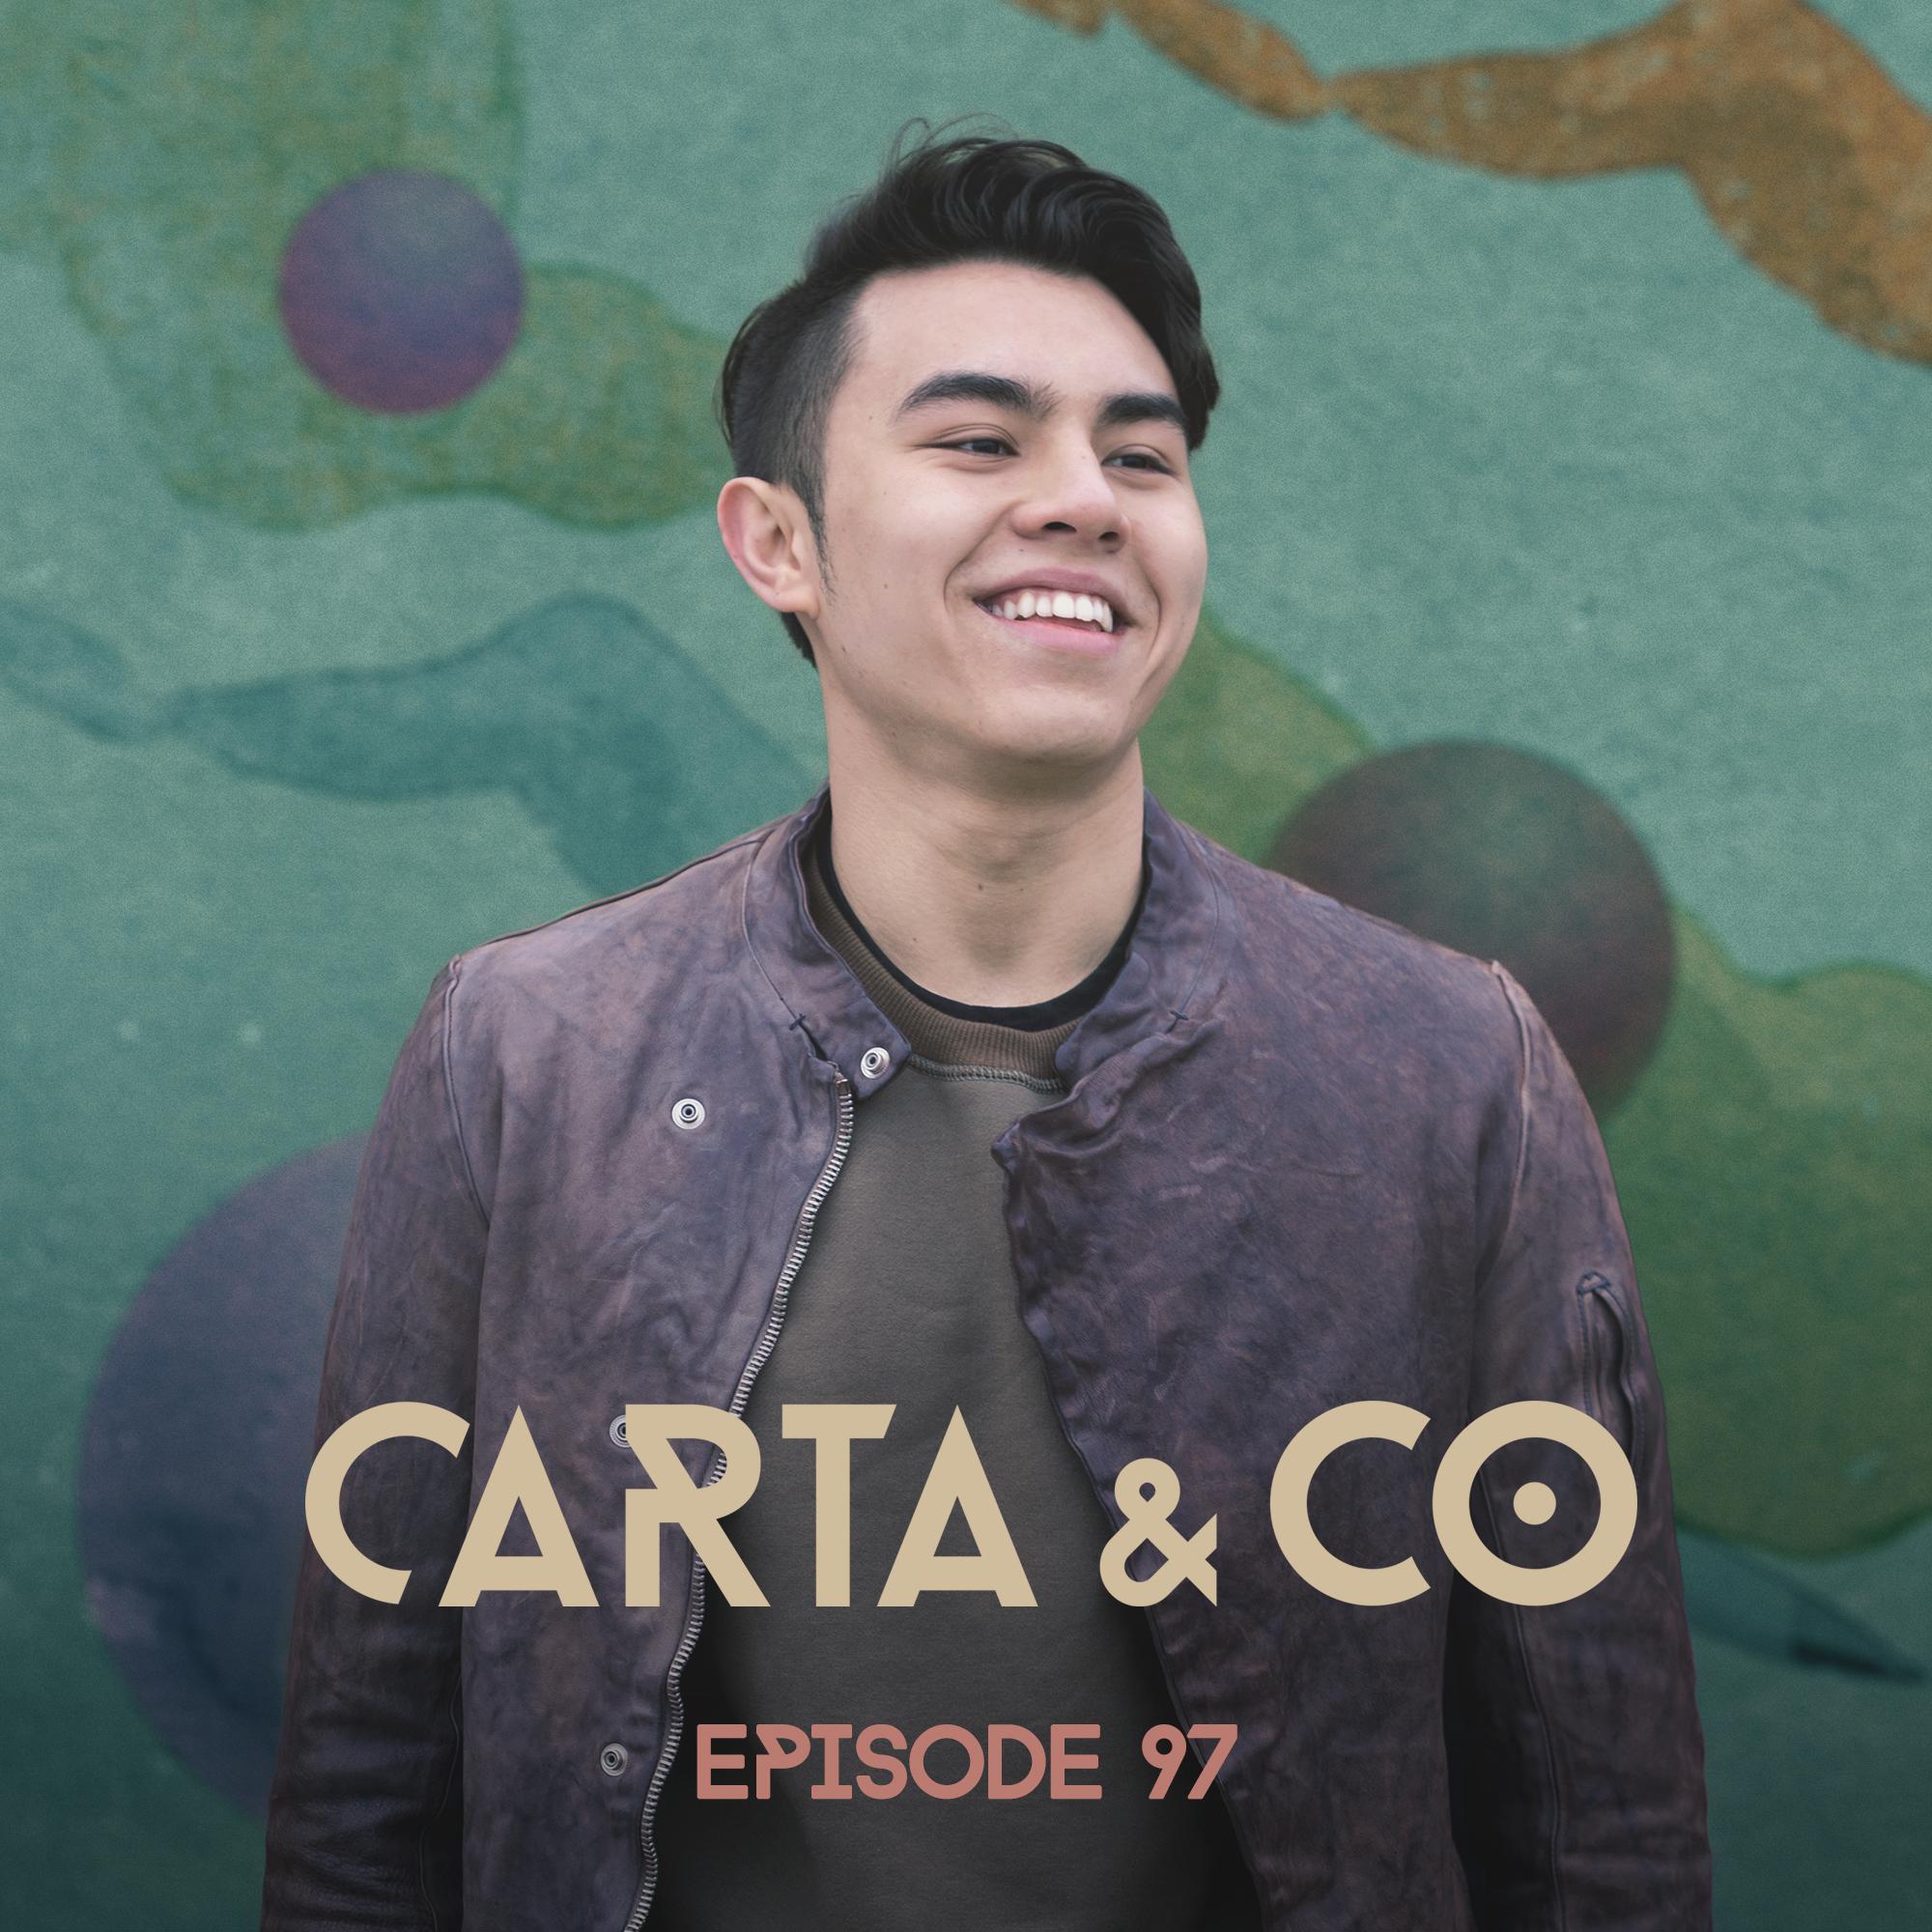 CARTA & CO - EPISODE 97